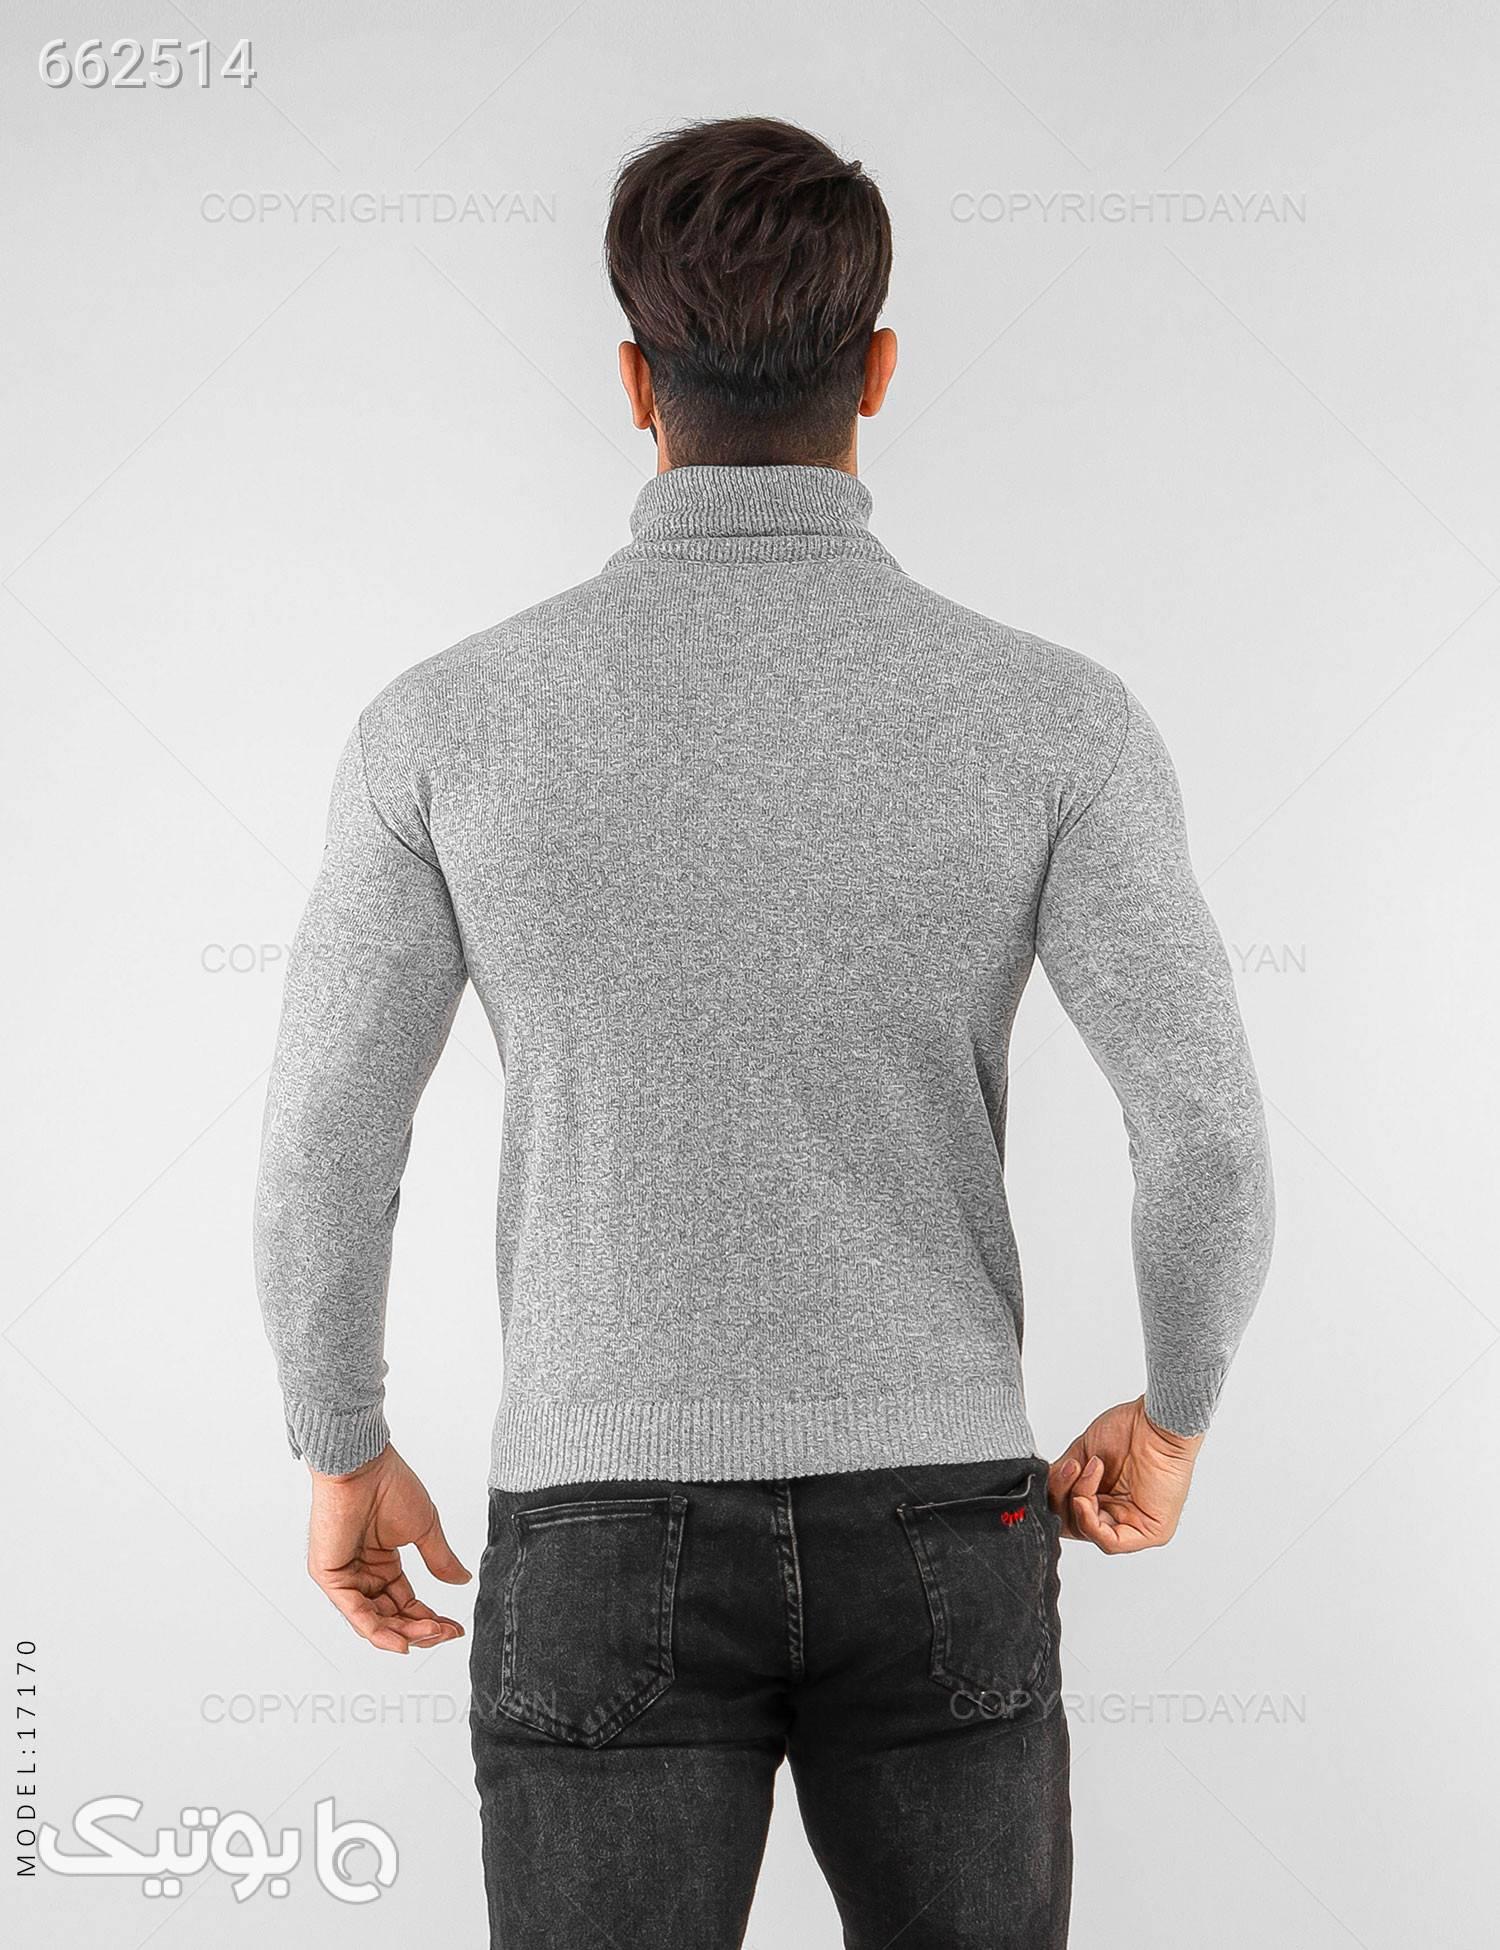 بافت مردانه Kiyan مدل 17170 پليور و ژاکت مردانه